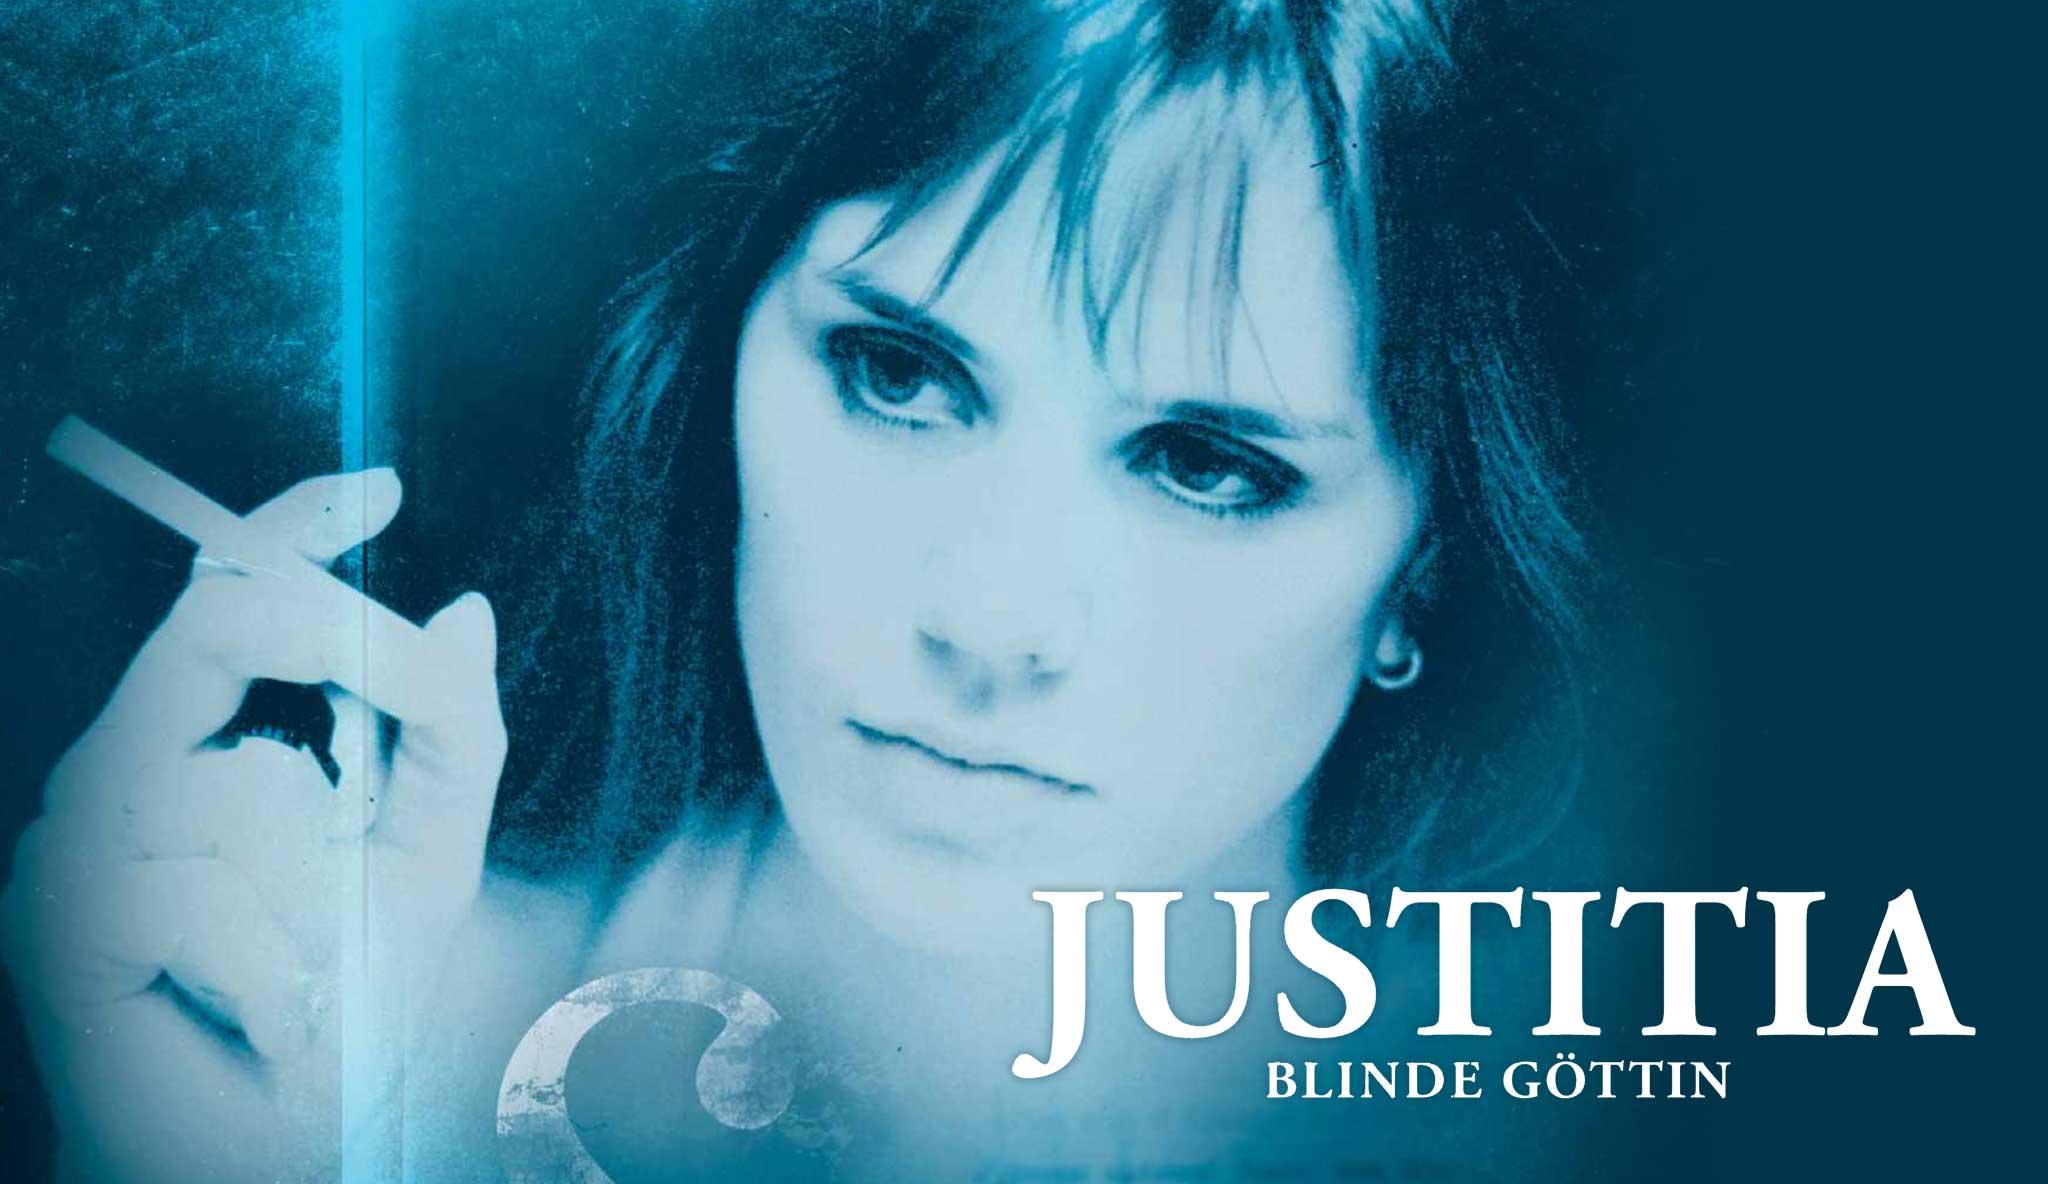 justitia-blinde-gottin-teil-1\header.jpg